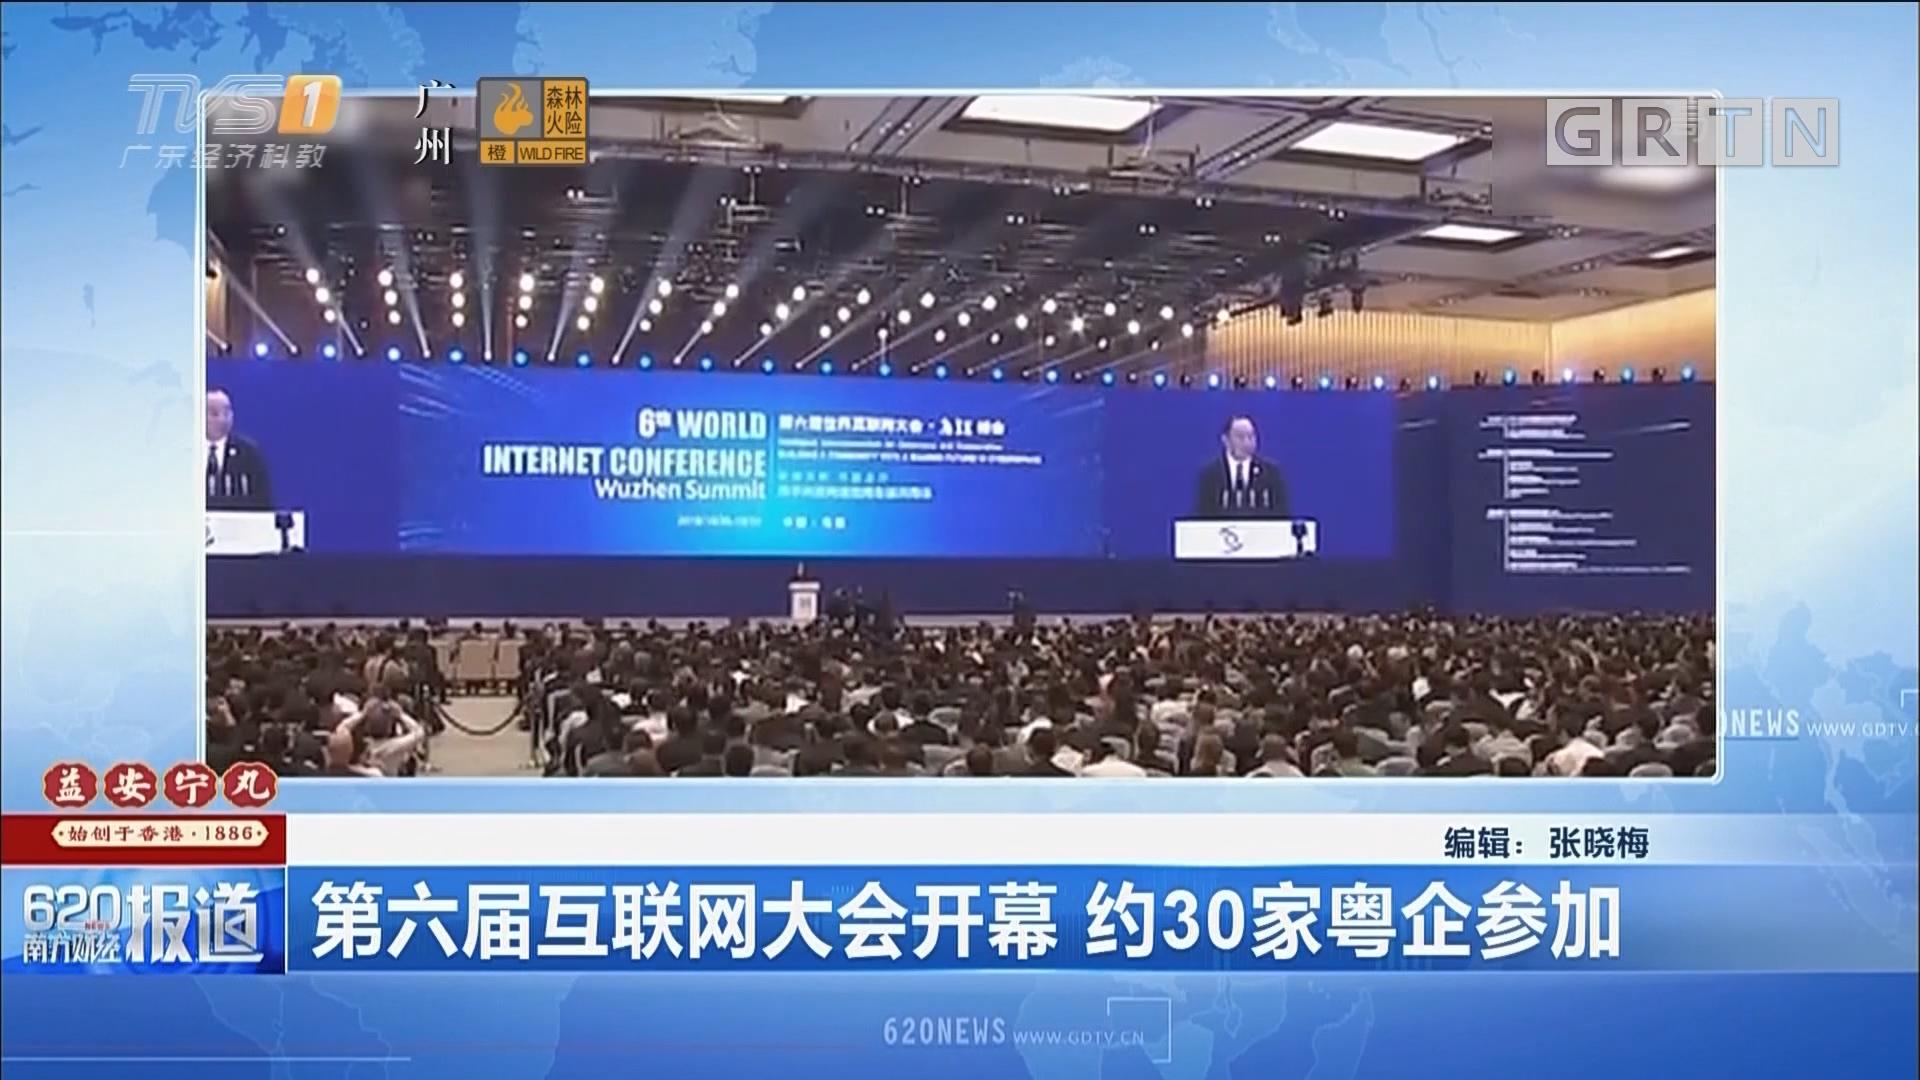 第六届互联网大会开幕 约30家粤企参加